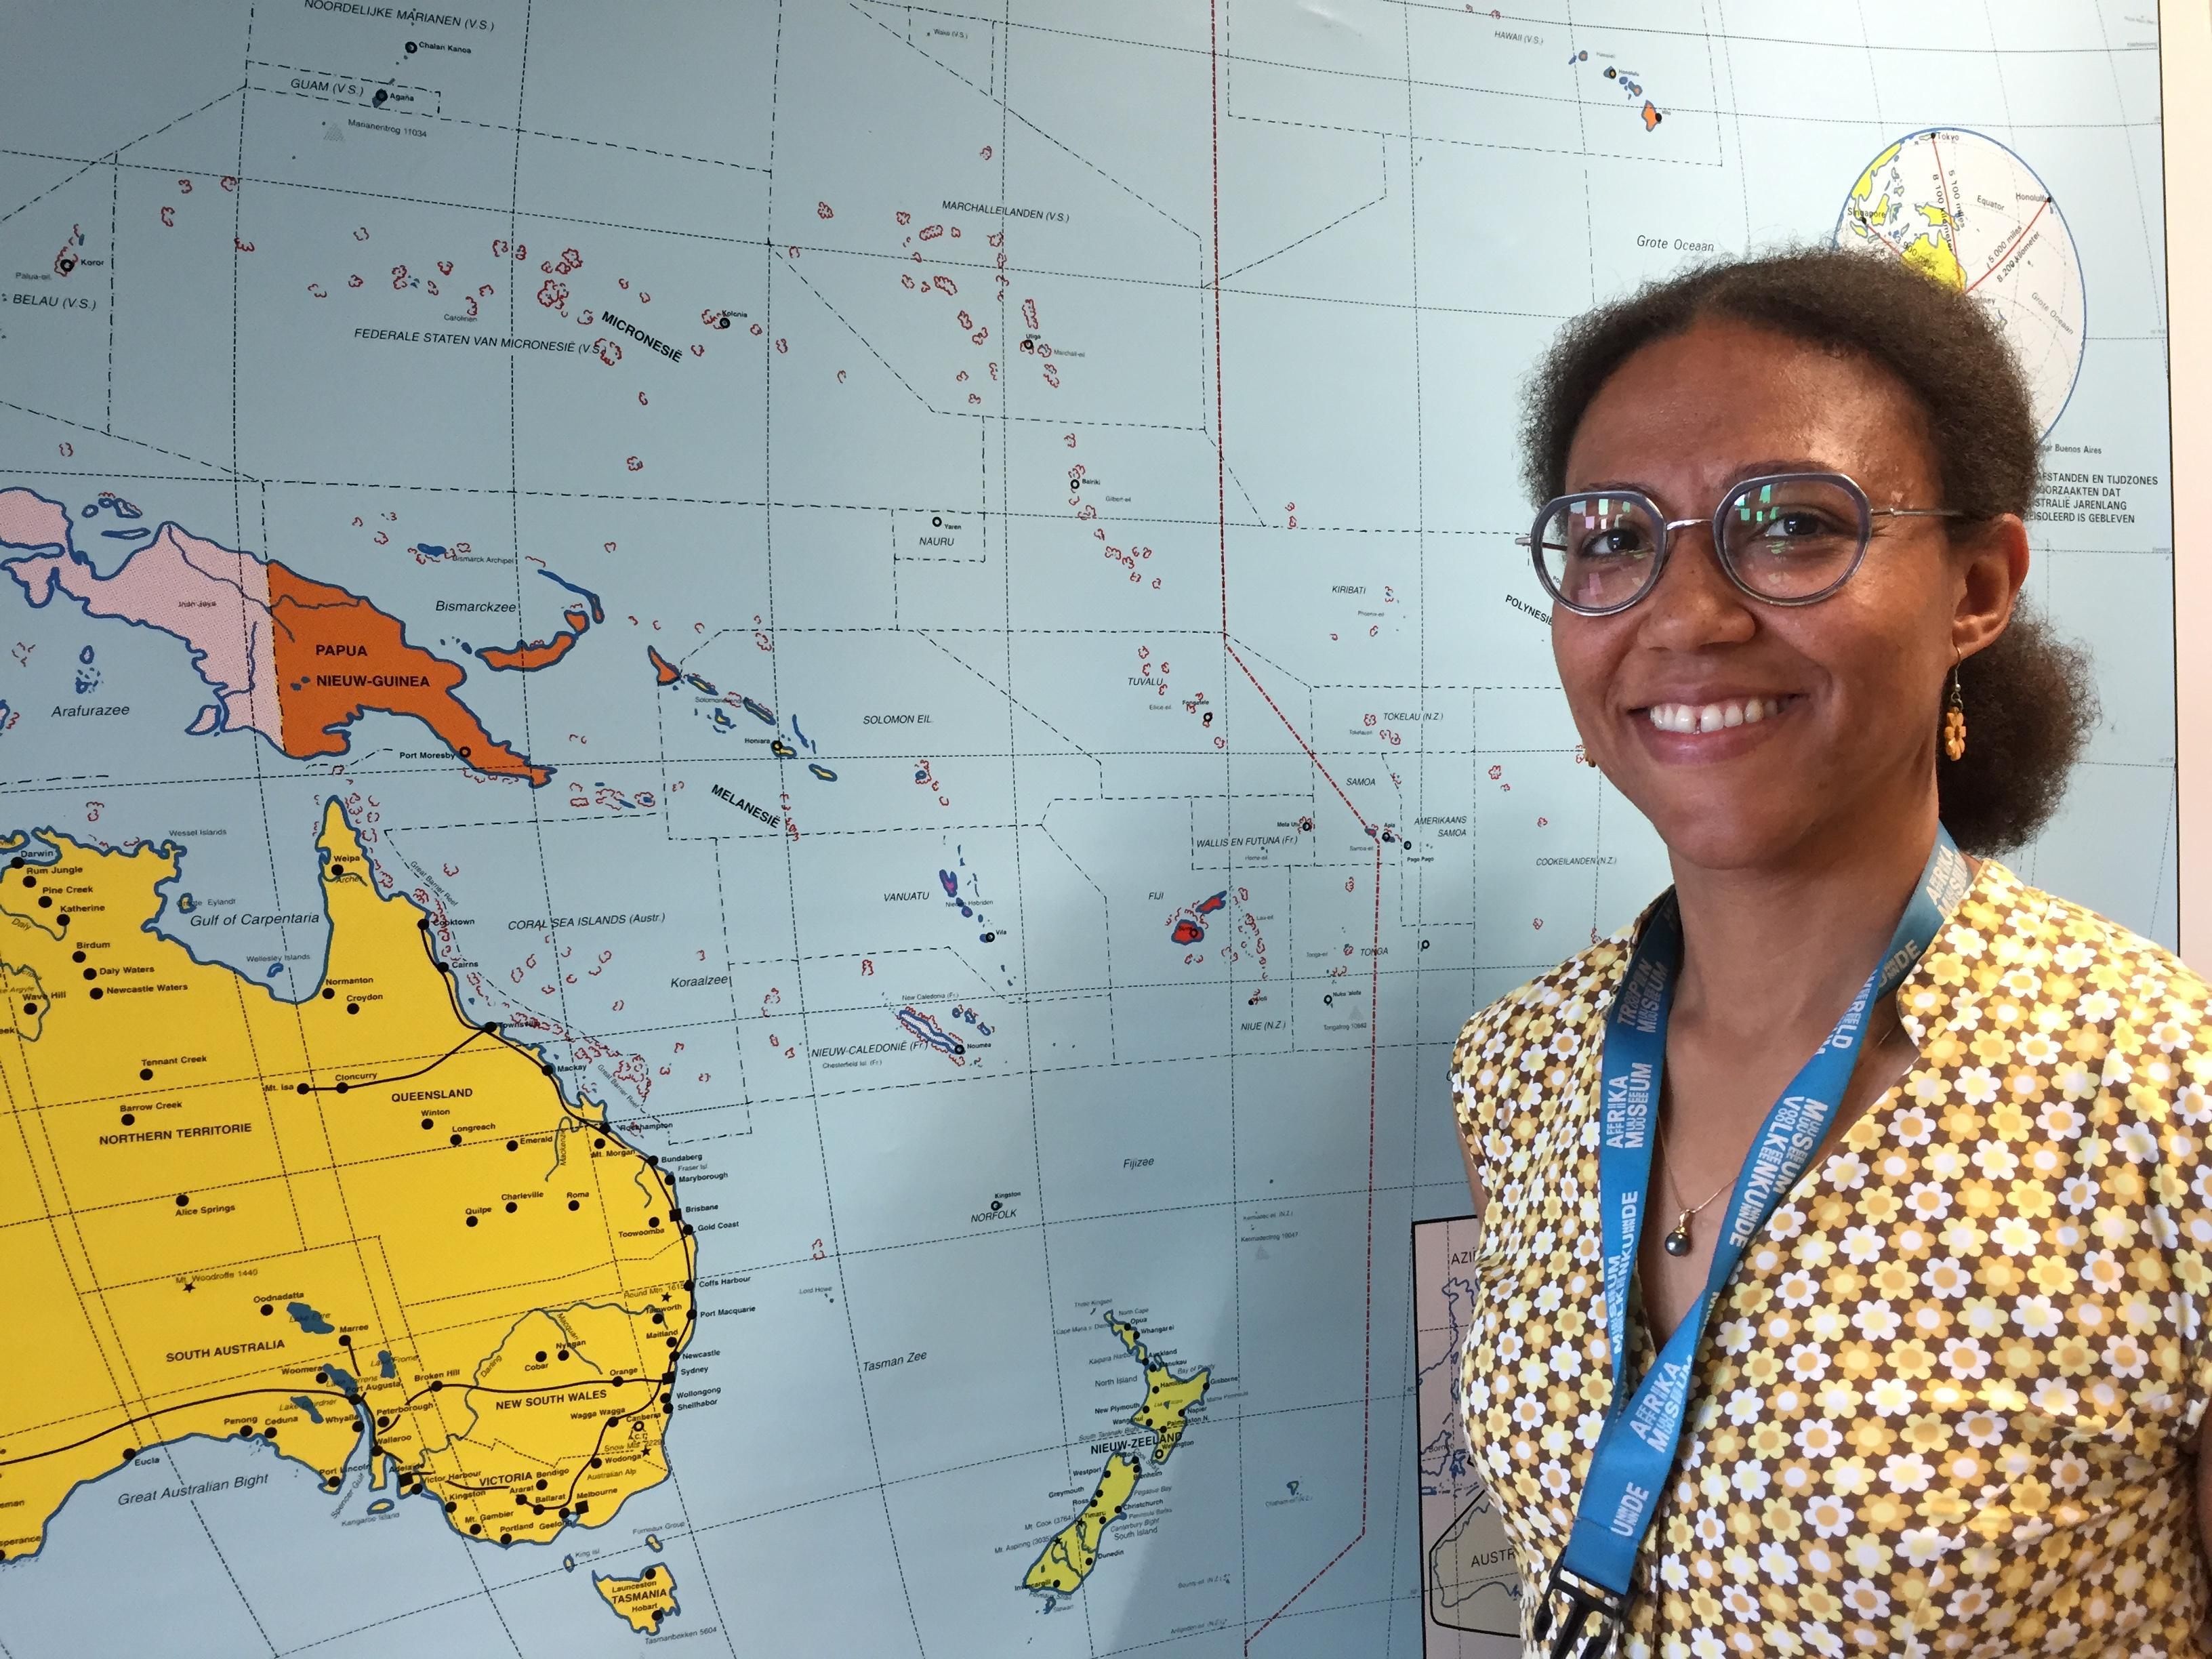 In Polynesië betekent een tatoeage iets anders dan bij ons